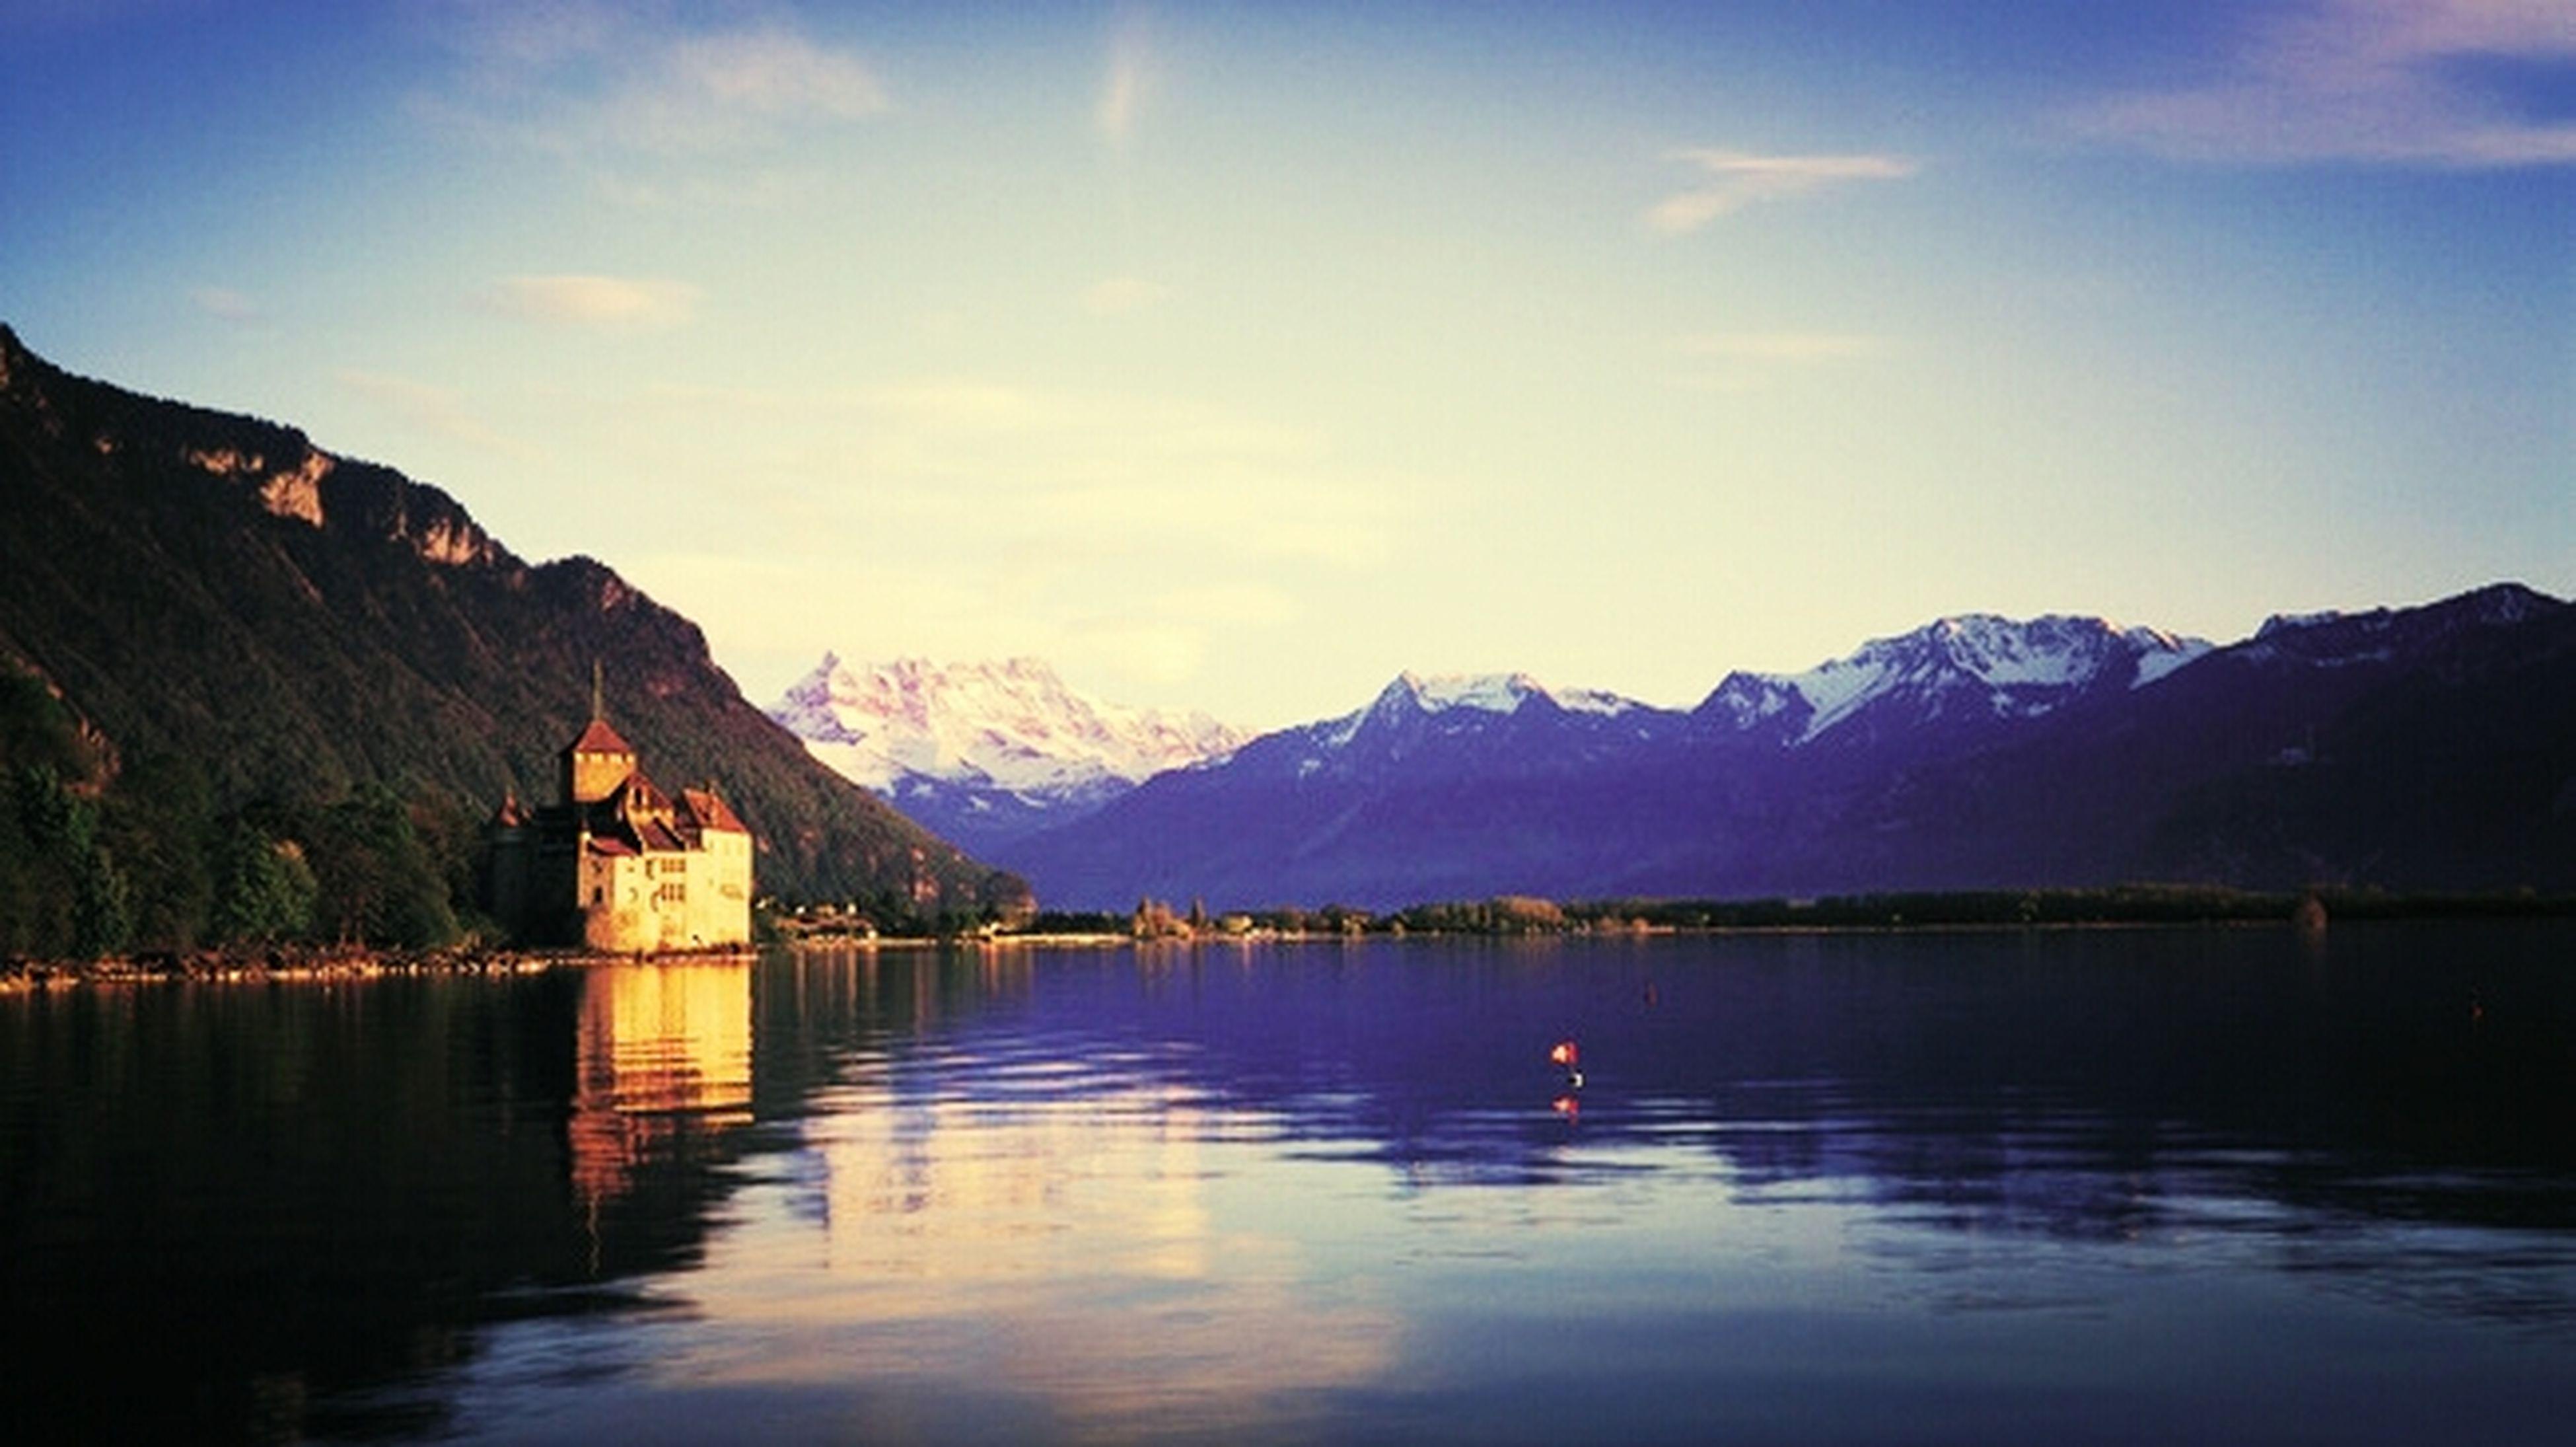 benim harcim bi fotograf degil tabi ama suraya gitmeden ölürsem gozlerim acik giderim Switzerland